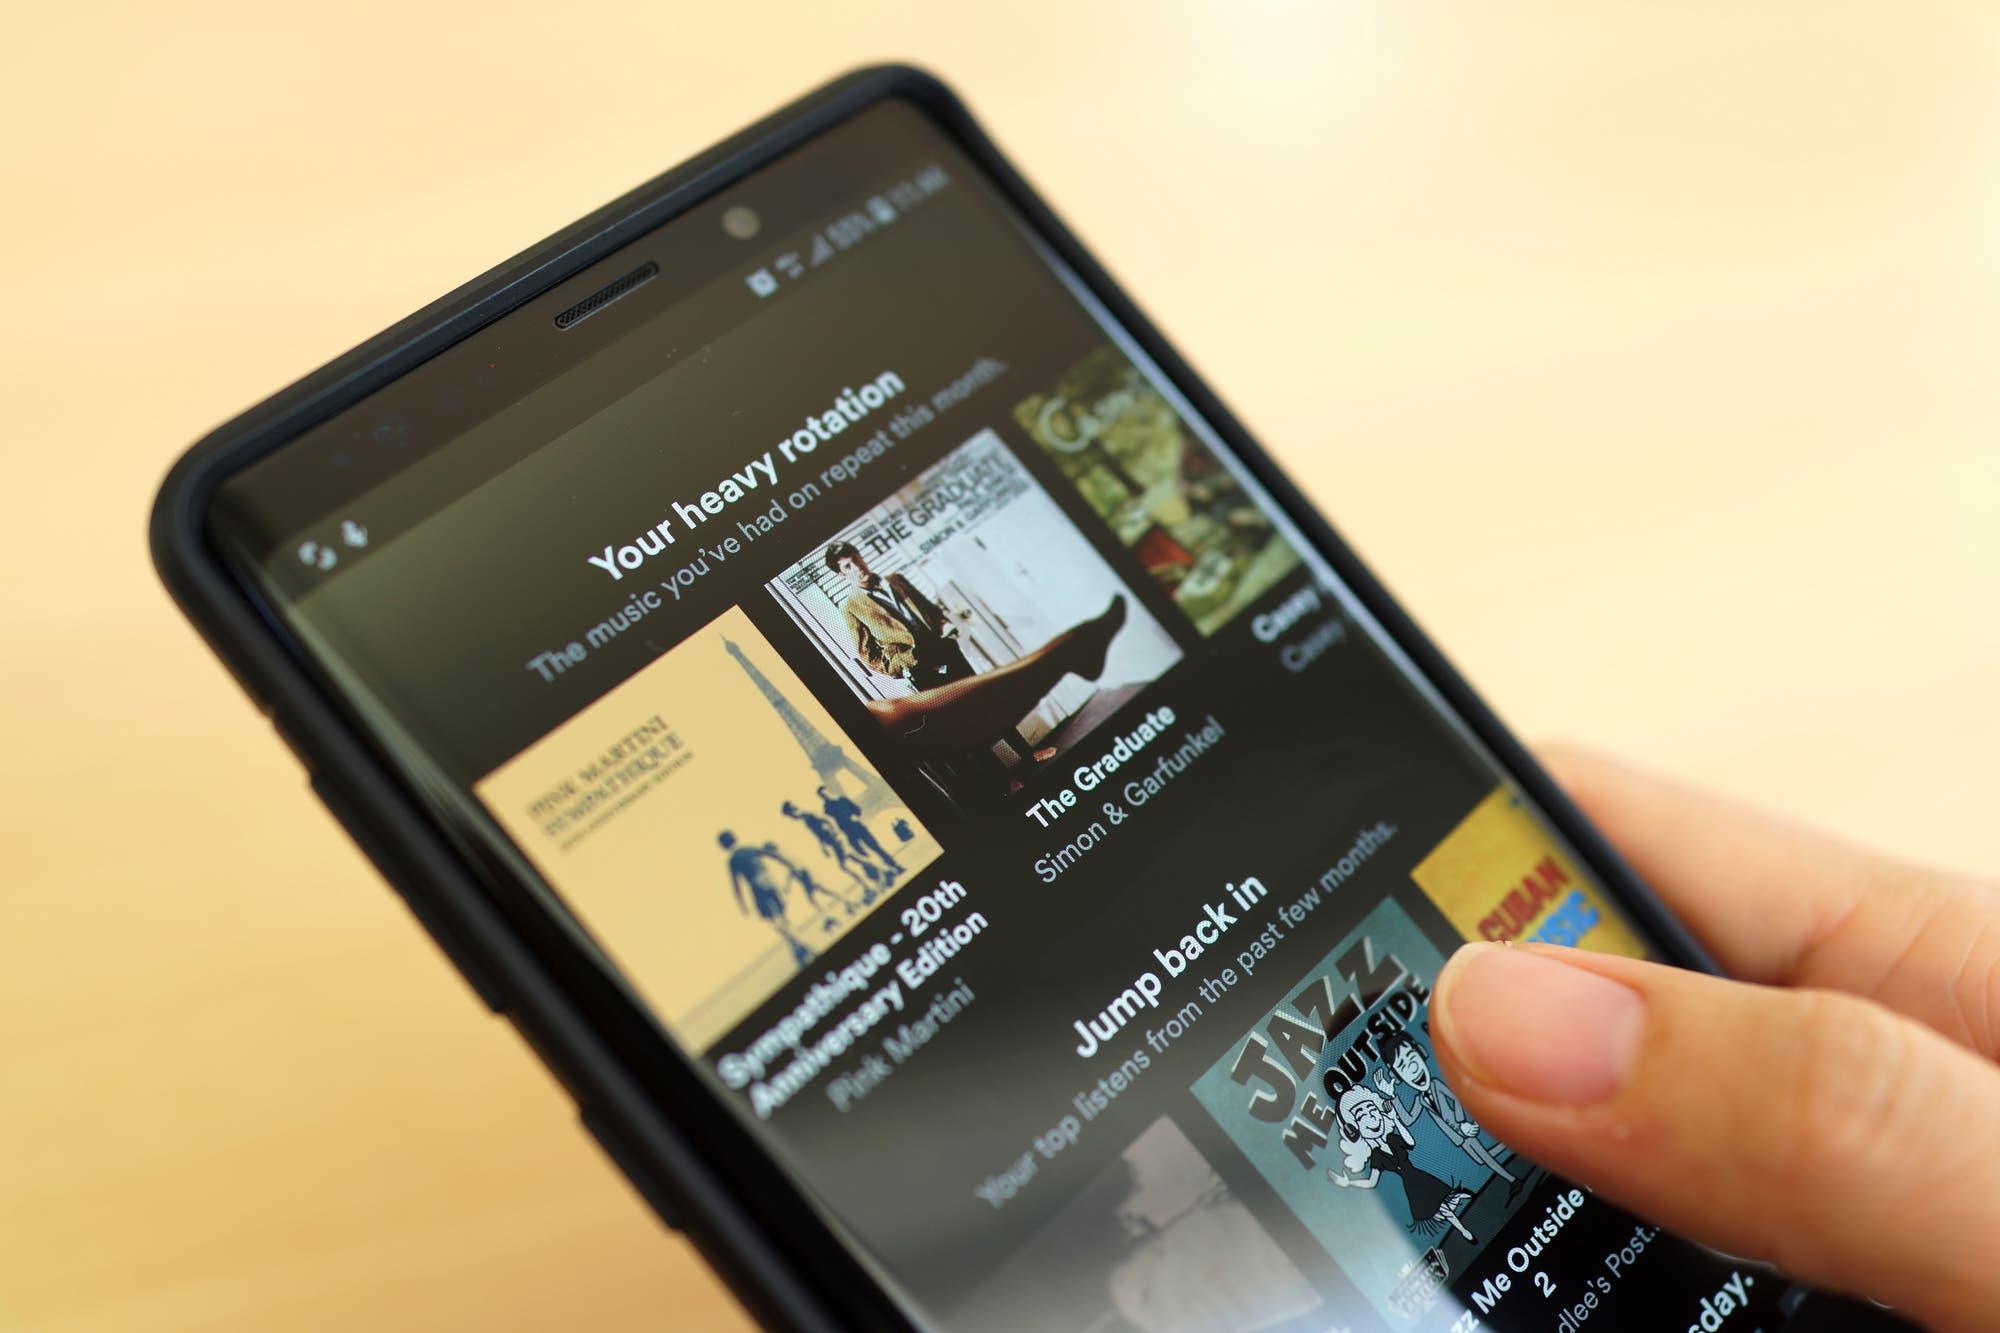 Tu 2019 en Música: Spotify ofrece un ranking a medida con las canciones que más sonaron en tu perfil